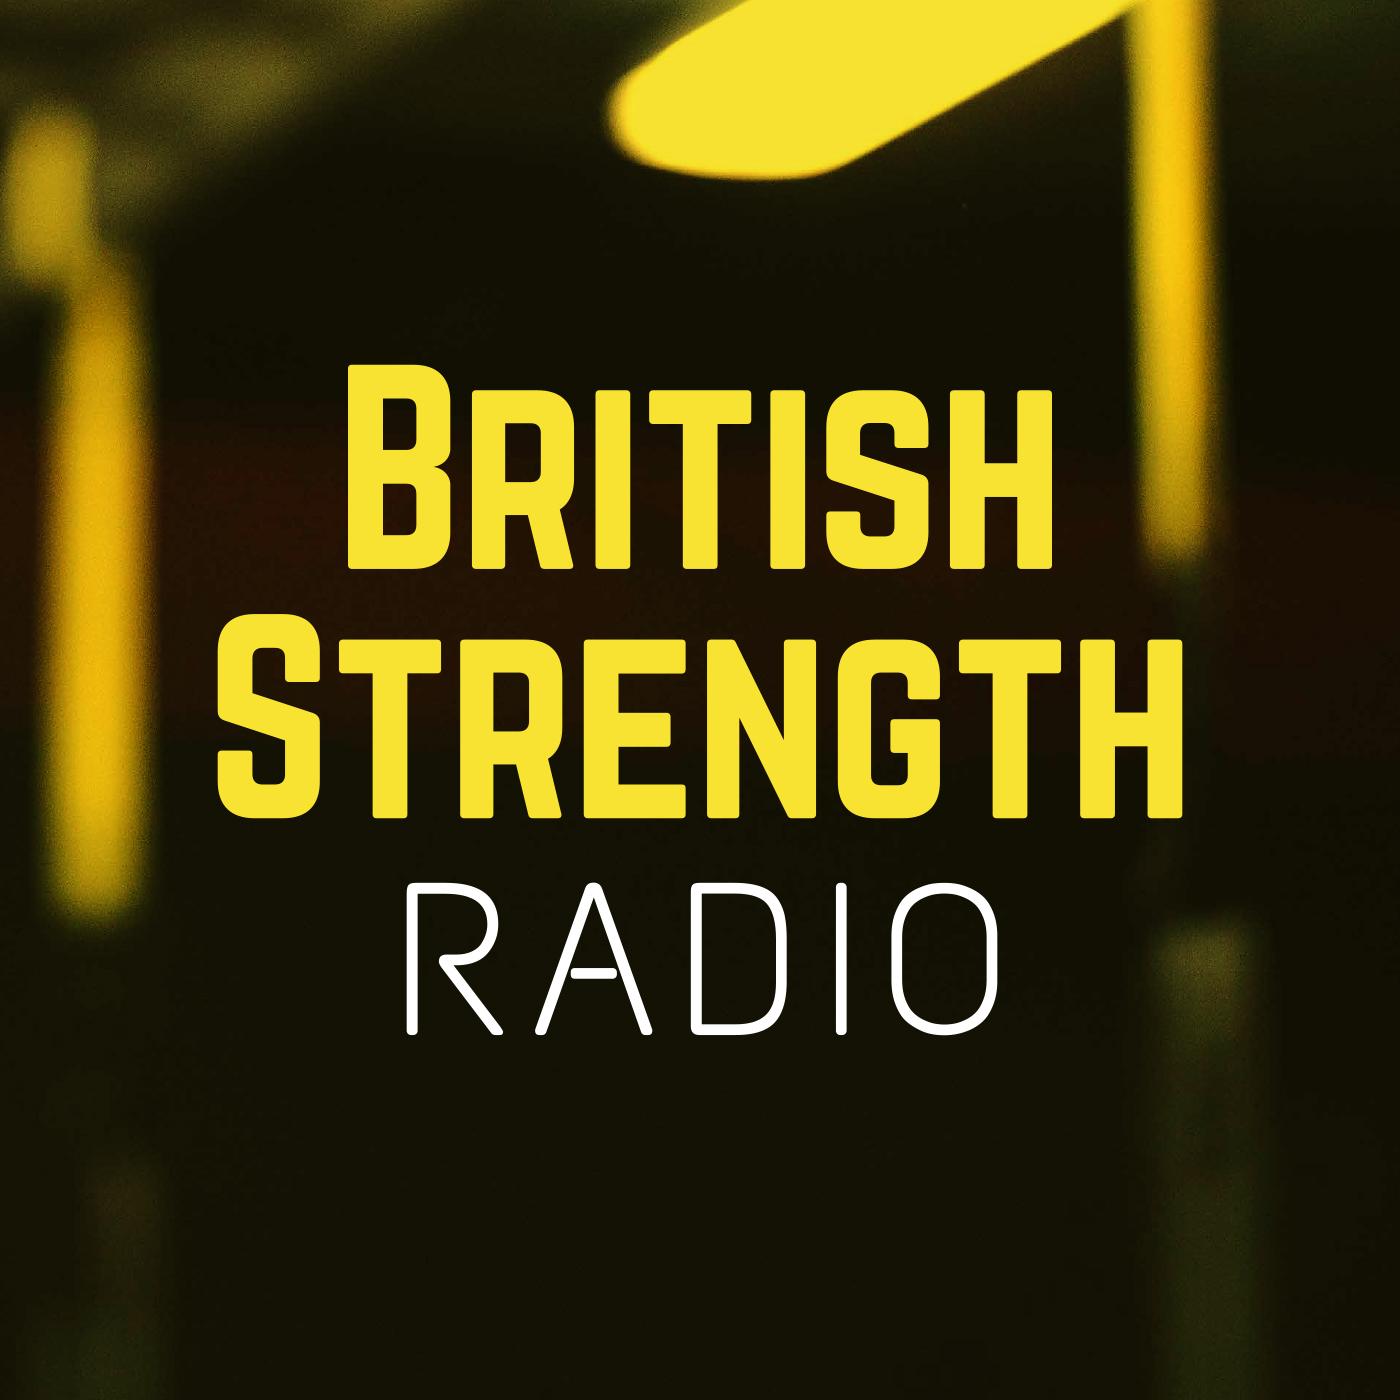 British Strength Radio show art